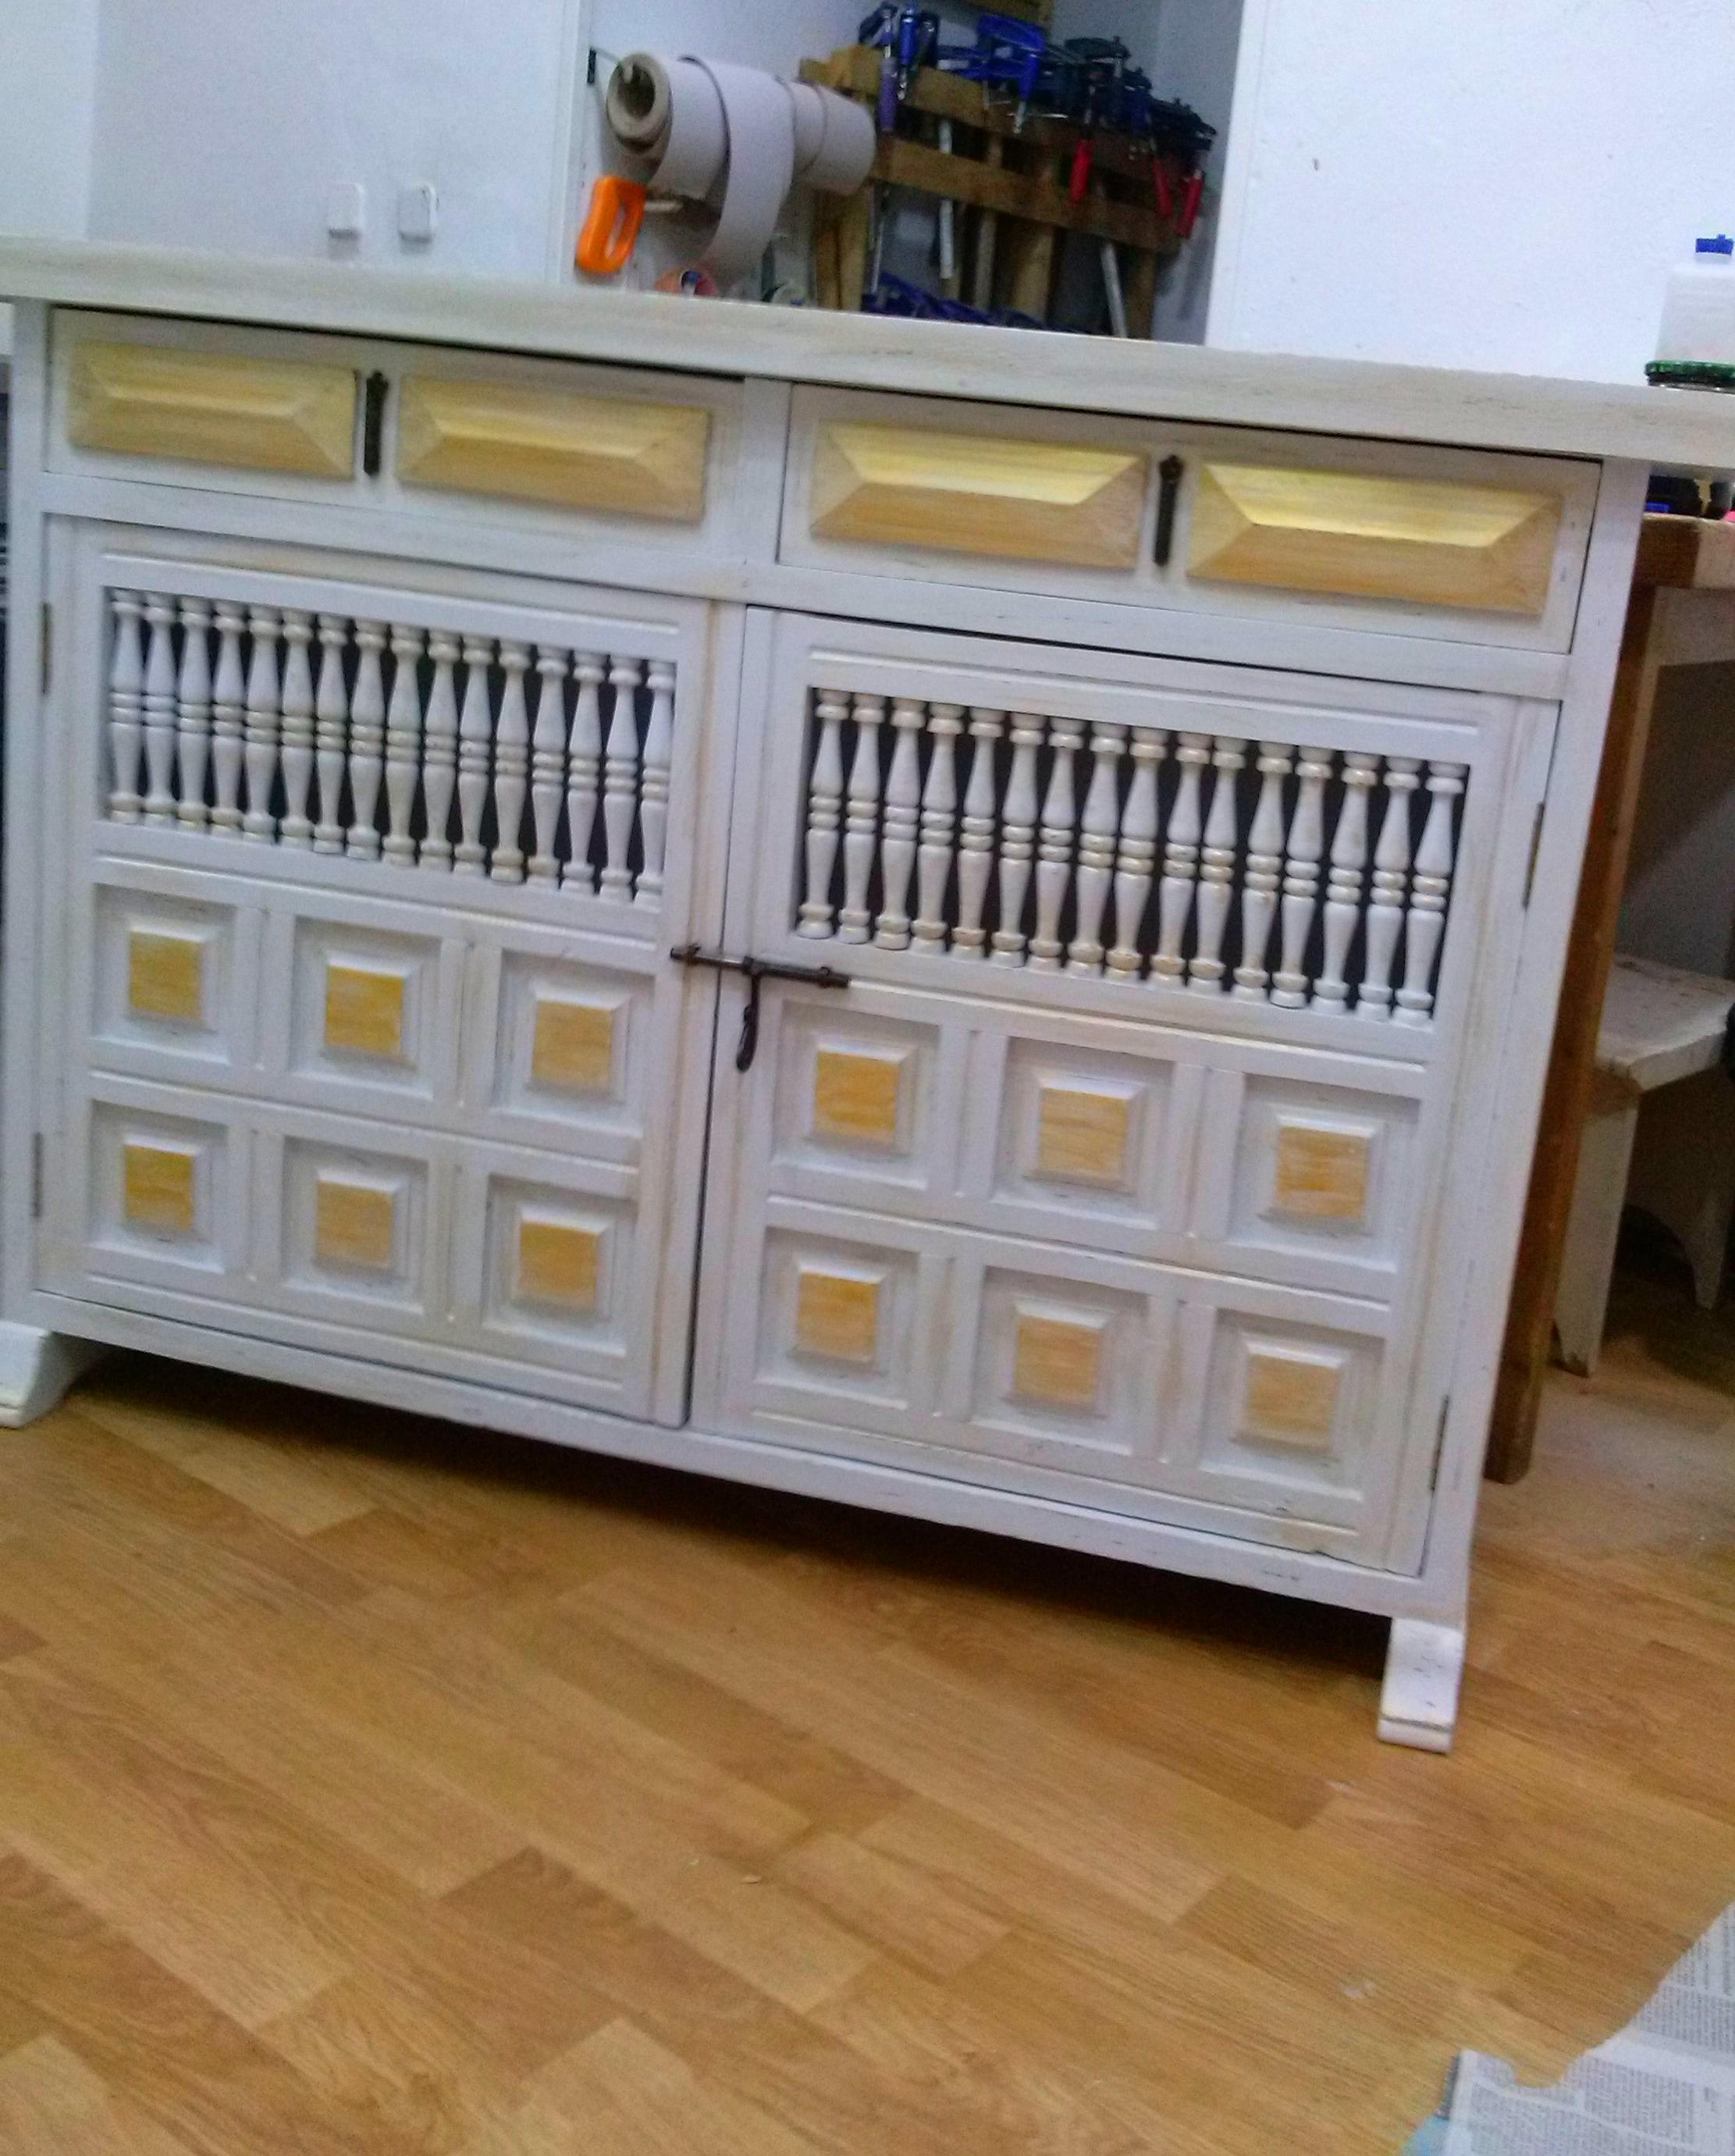 Foto 11 de restauraci n de muebles y antig edades en for Mueble castellano restaurado